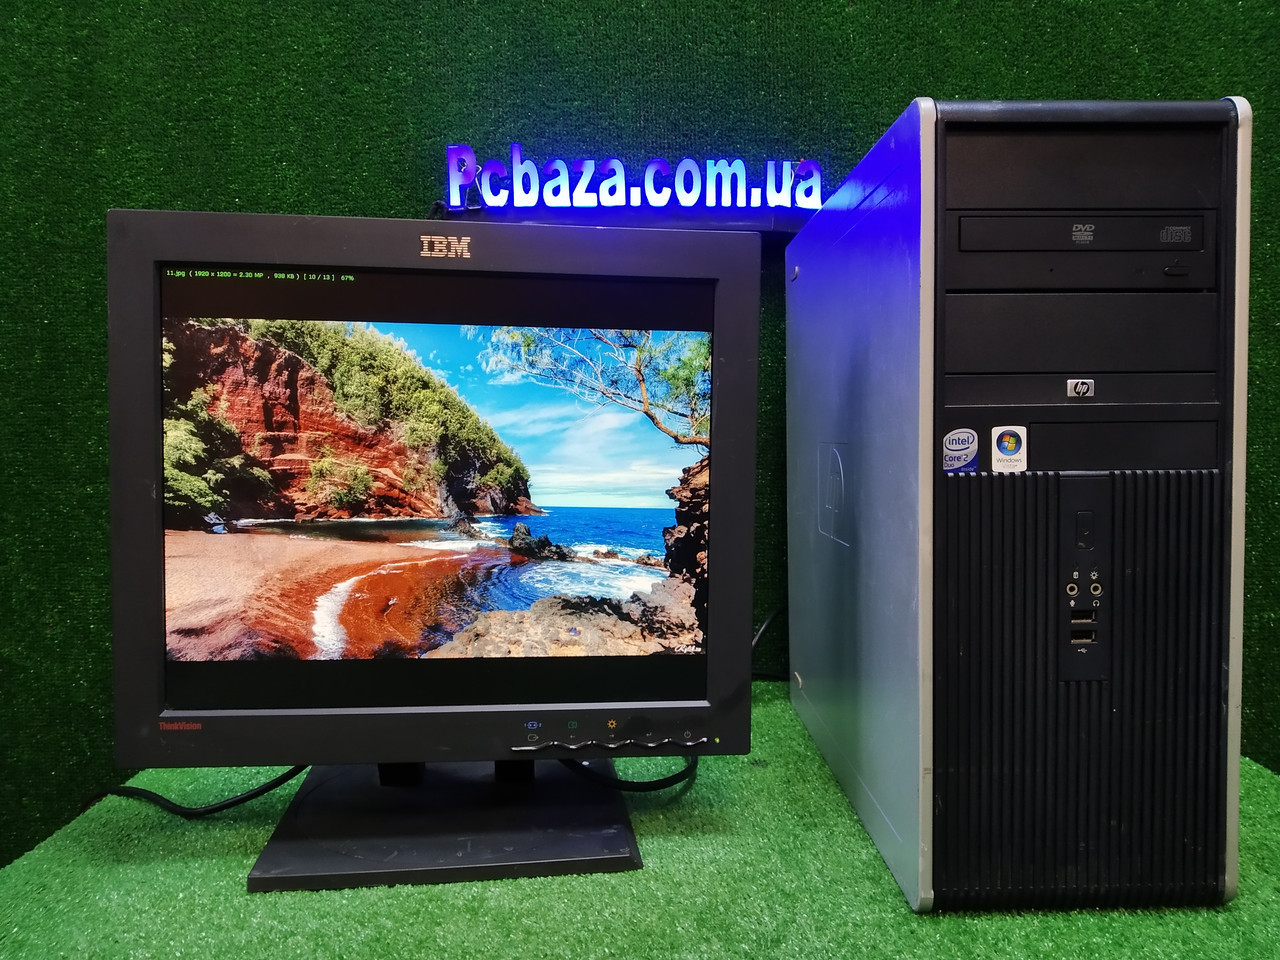 """ПК HP + мон 17"""" , Intel 4 ядра, 4 ГБ, 320 ГБ Настроен! Есть Опт! Гарантия!"""